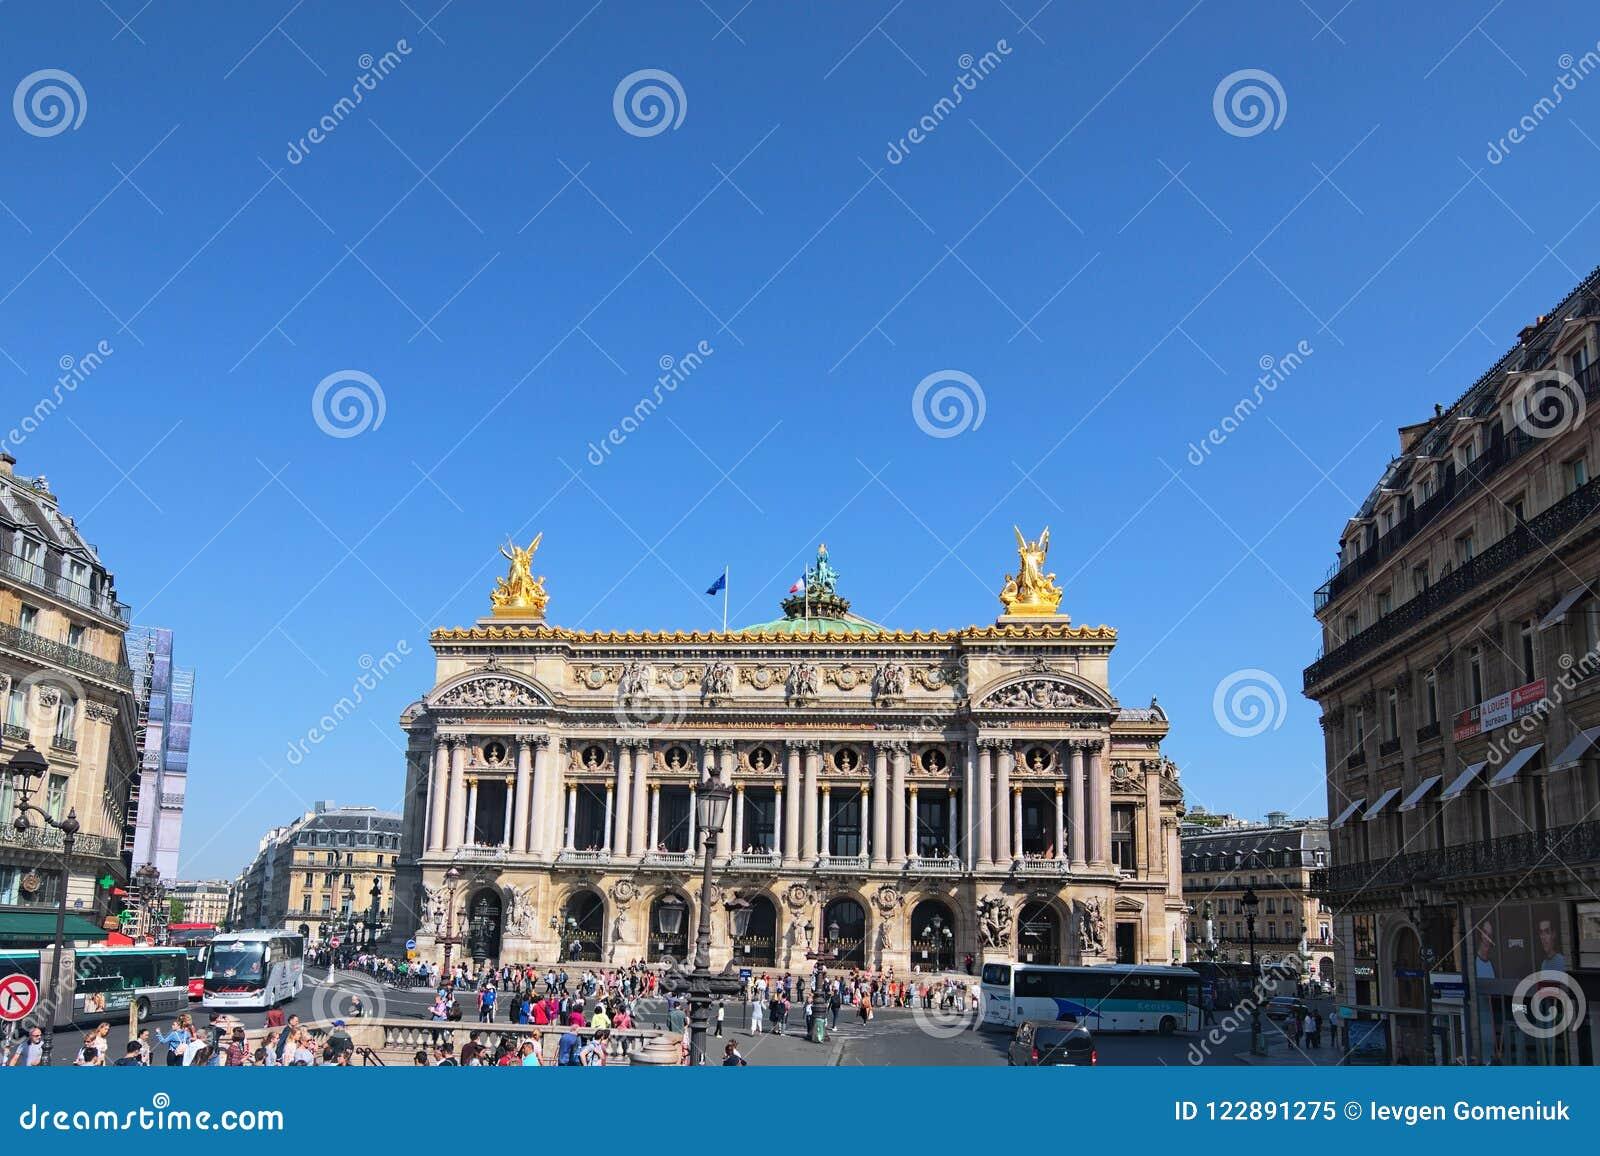 Vista de Opera de nacional Paris Opera grande Opera Garnier é construção neo-barroco famosa em Paris